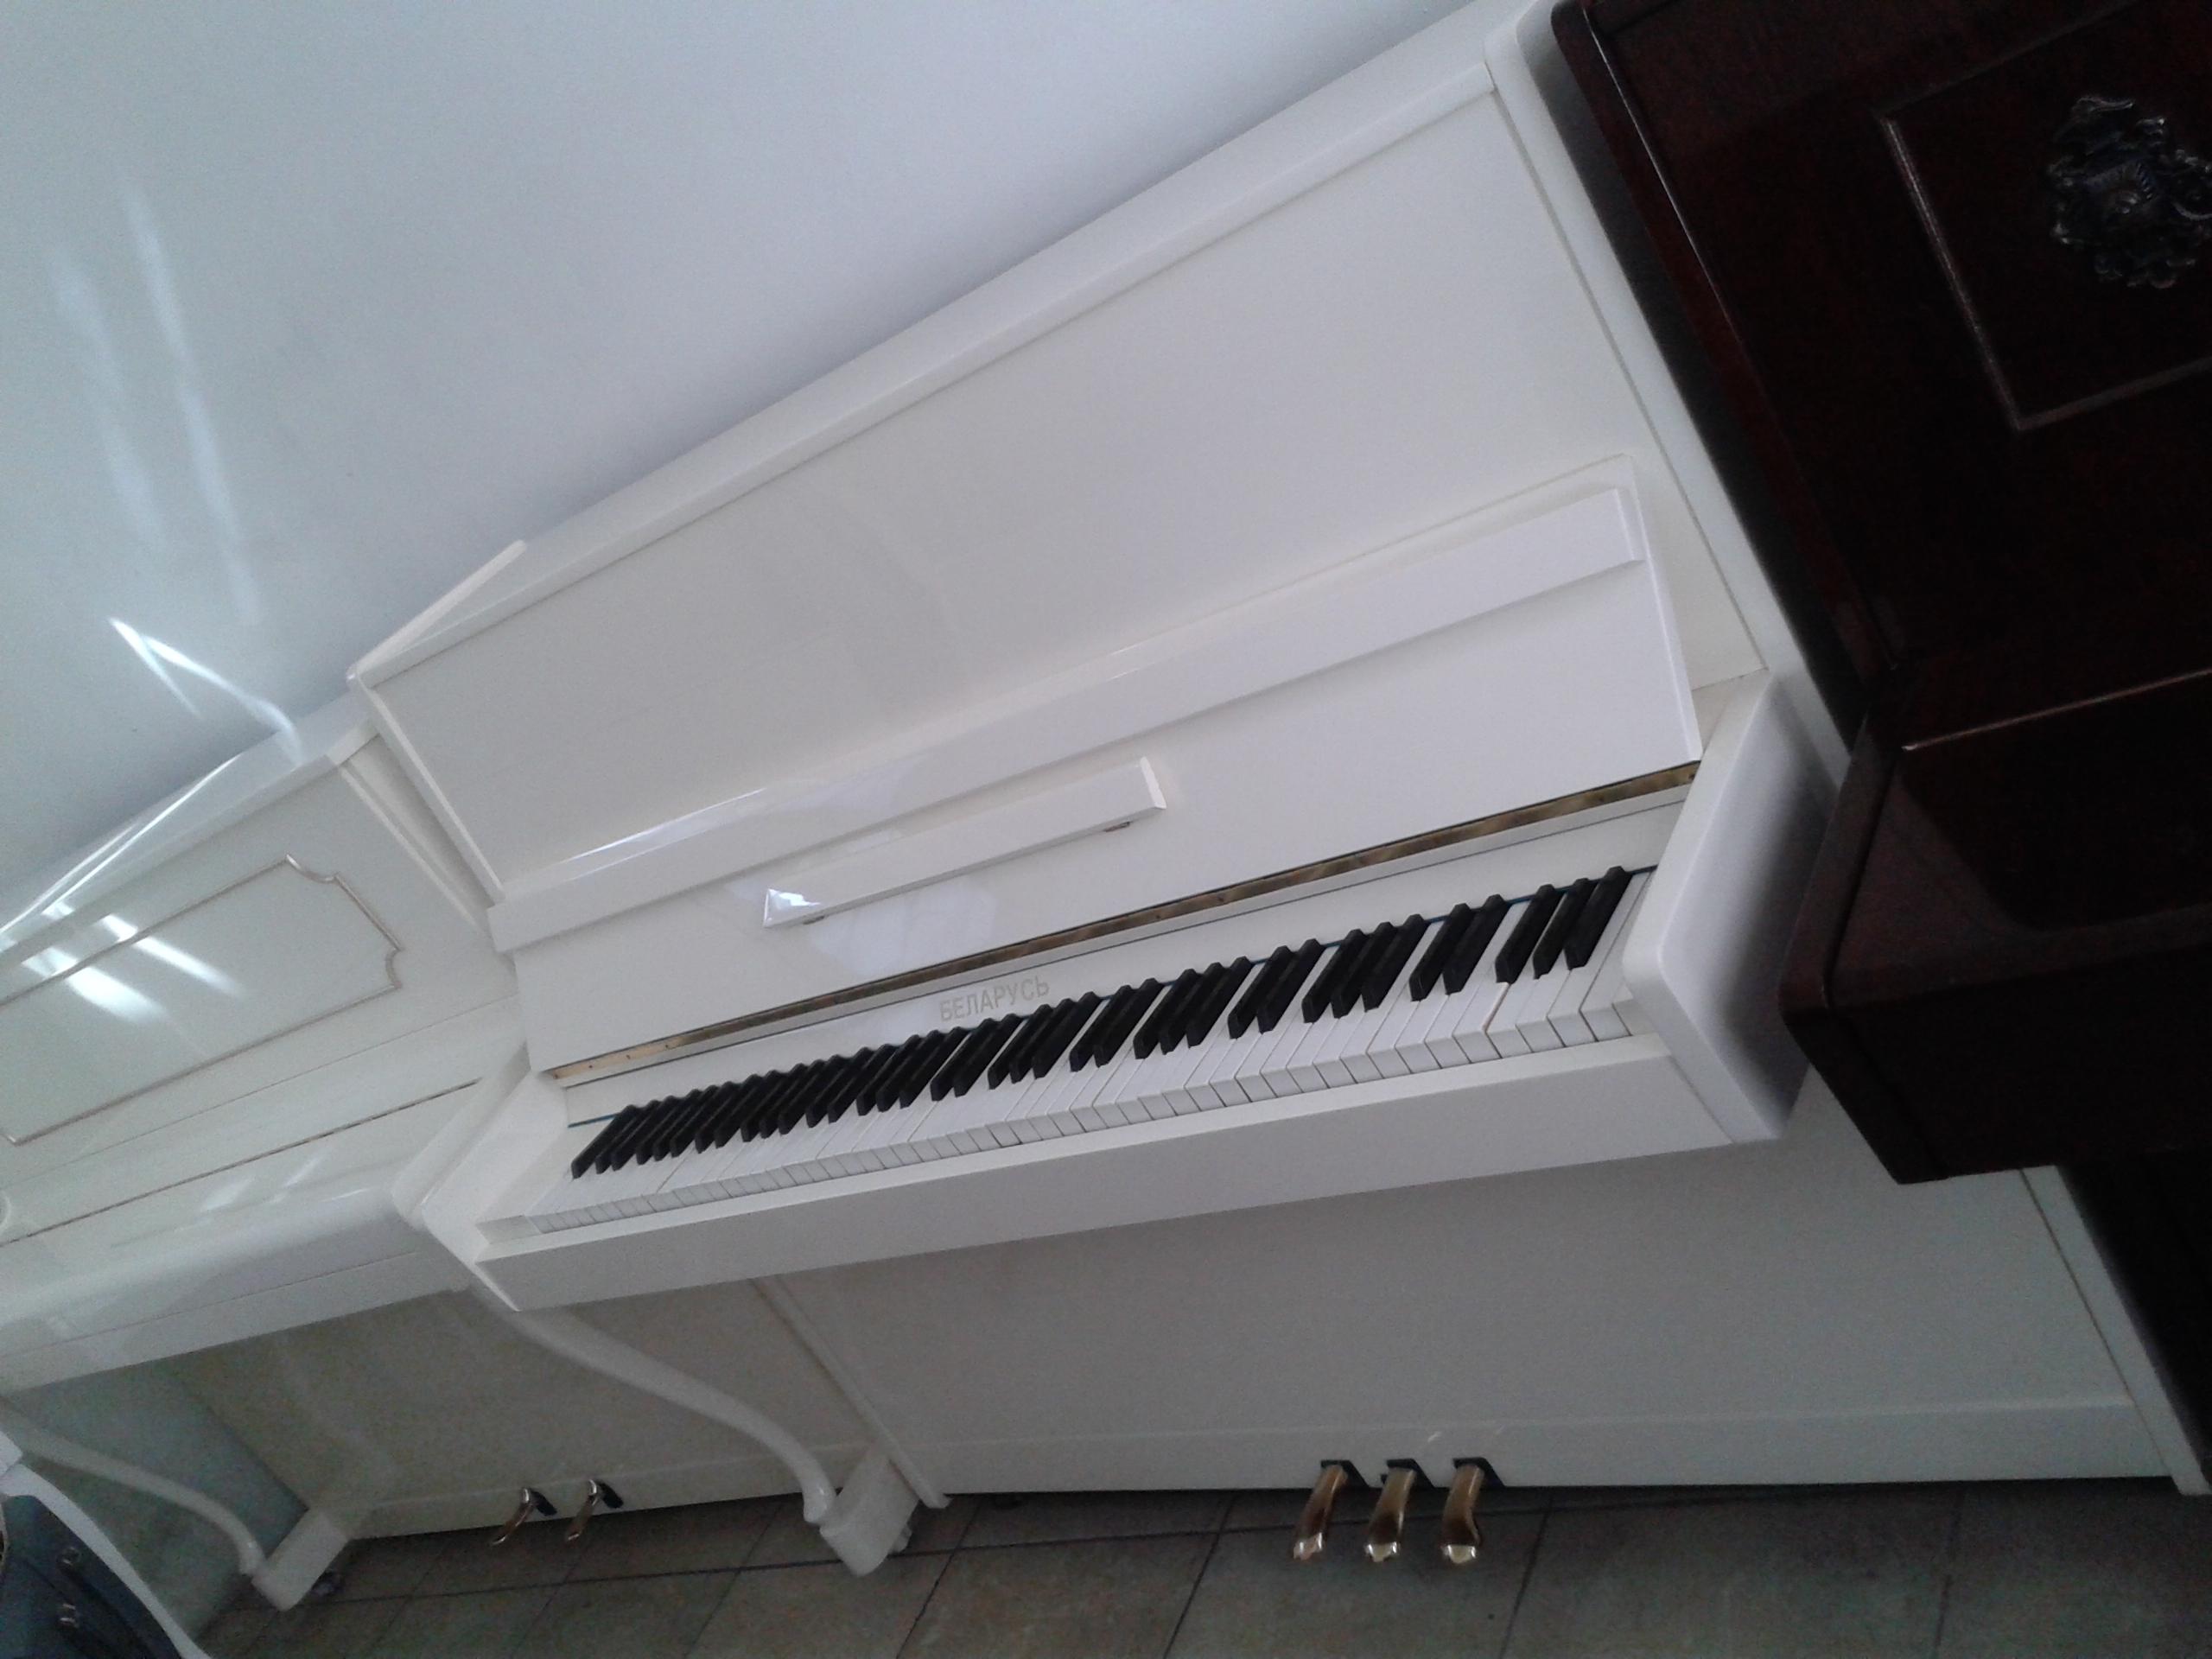 Meşhur brend markalardan pianolar satılır. Müxtelif modellerde ağ, şabalıdı, qırmızı ağac, qara, fil sümüyü rengde ve istenilen renge pianolar satılır...